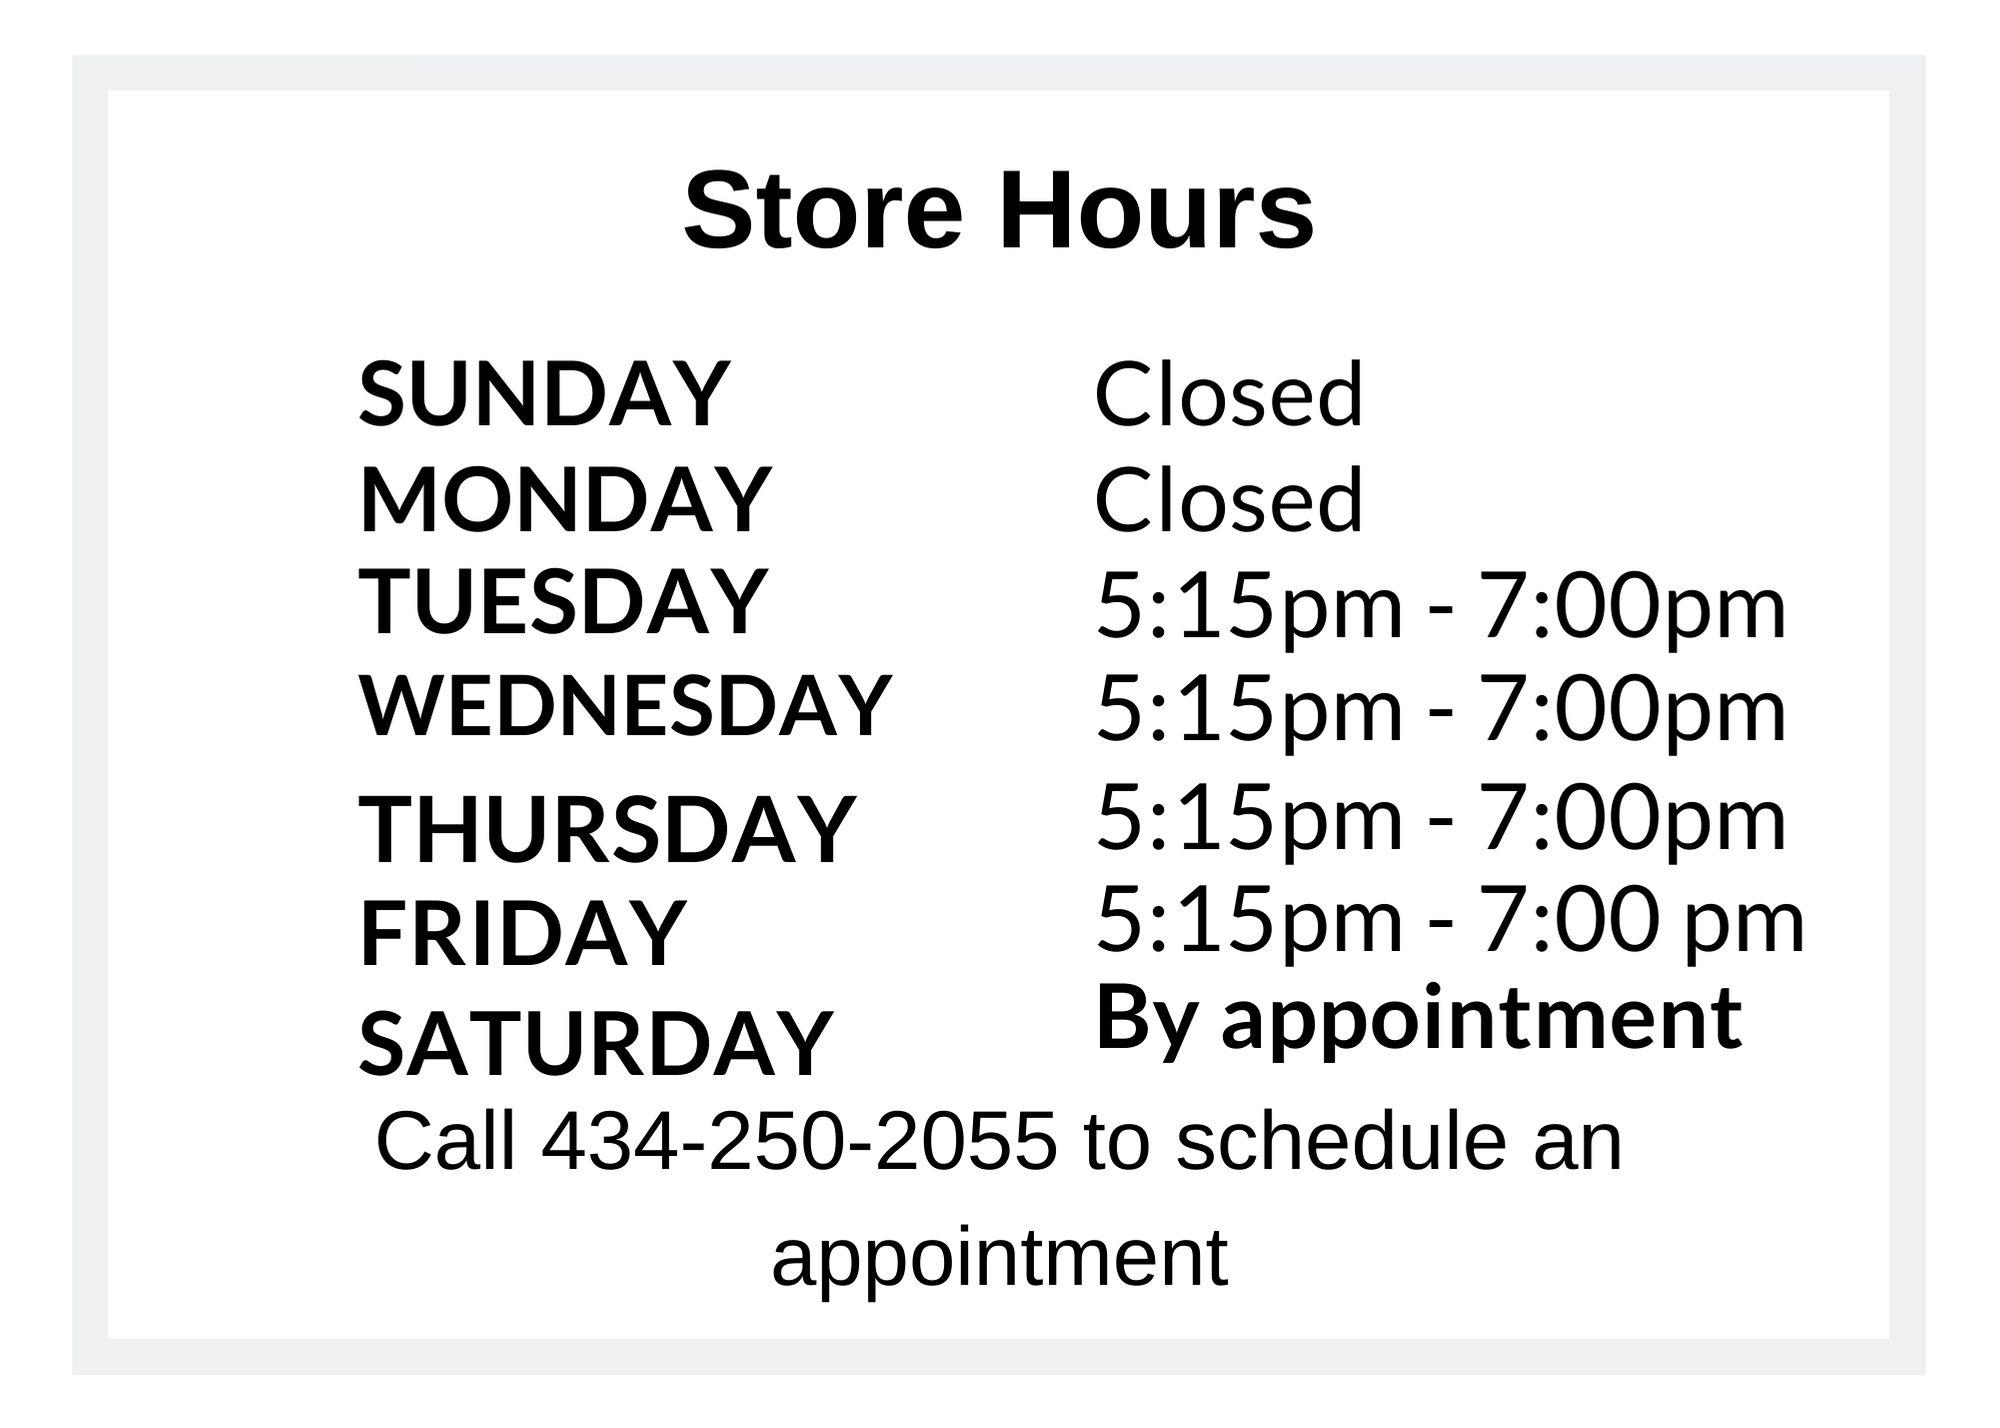 winter-store-hours-1-.jpg